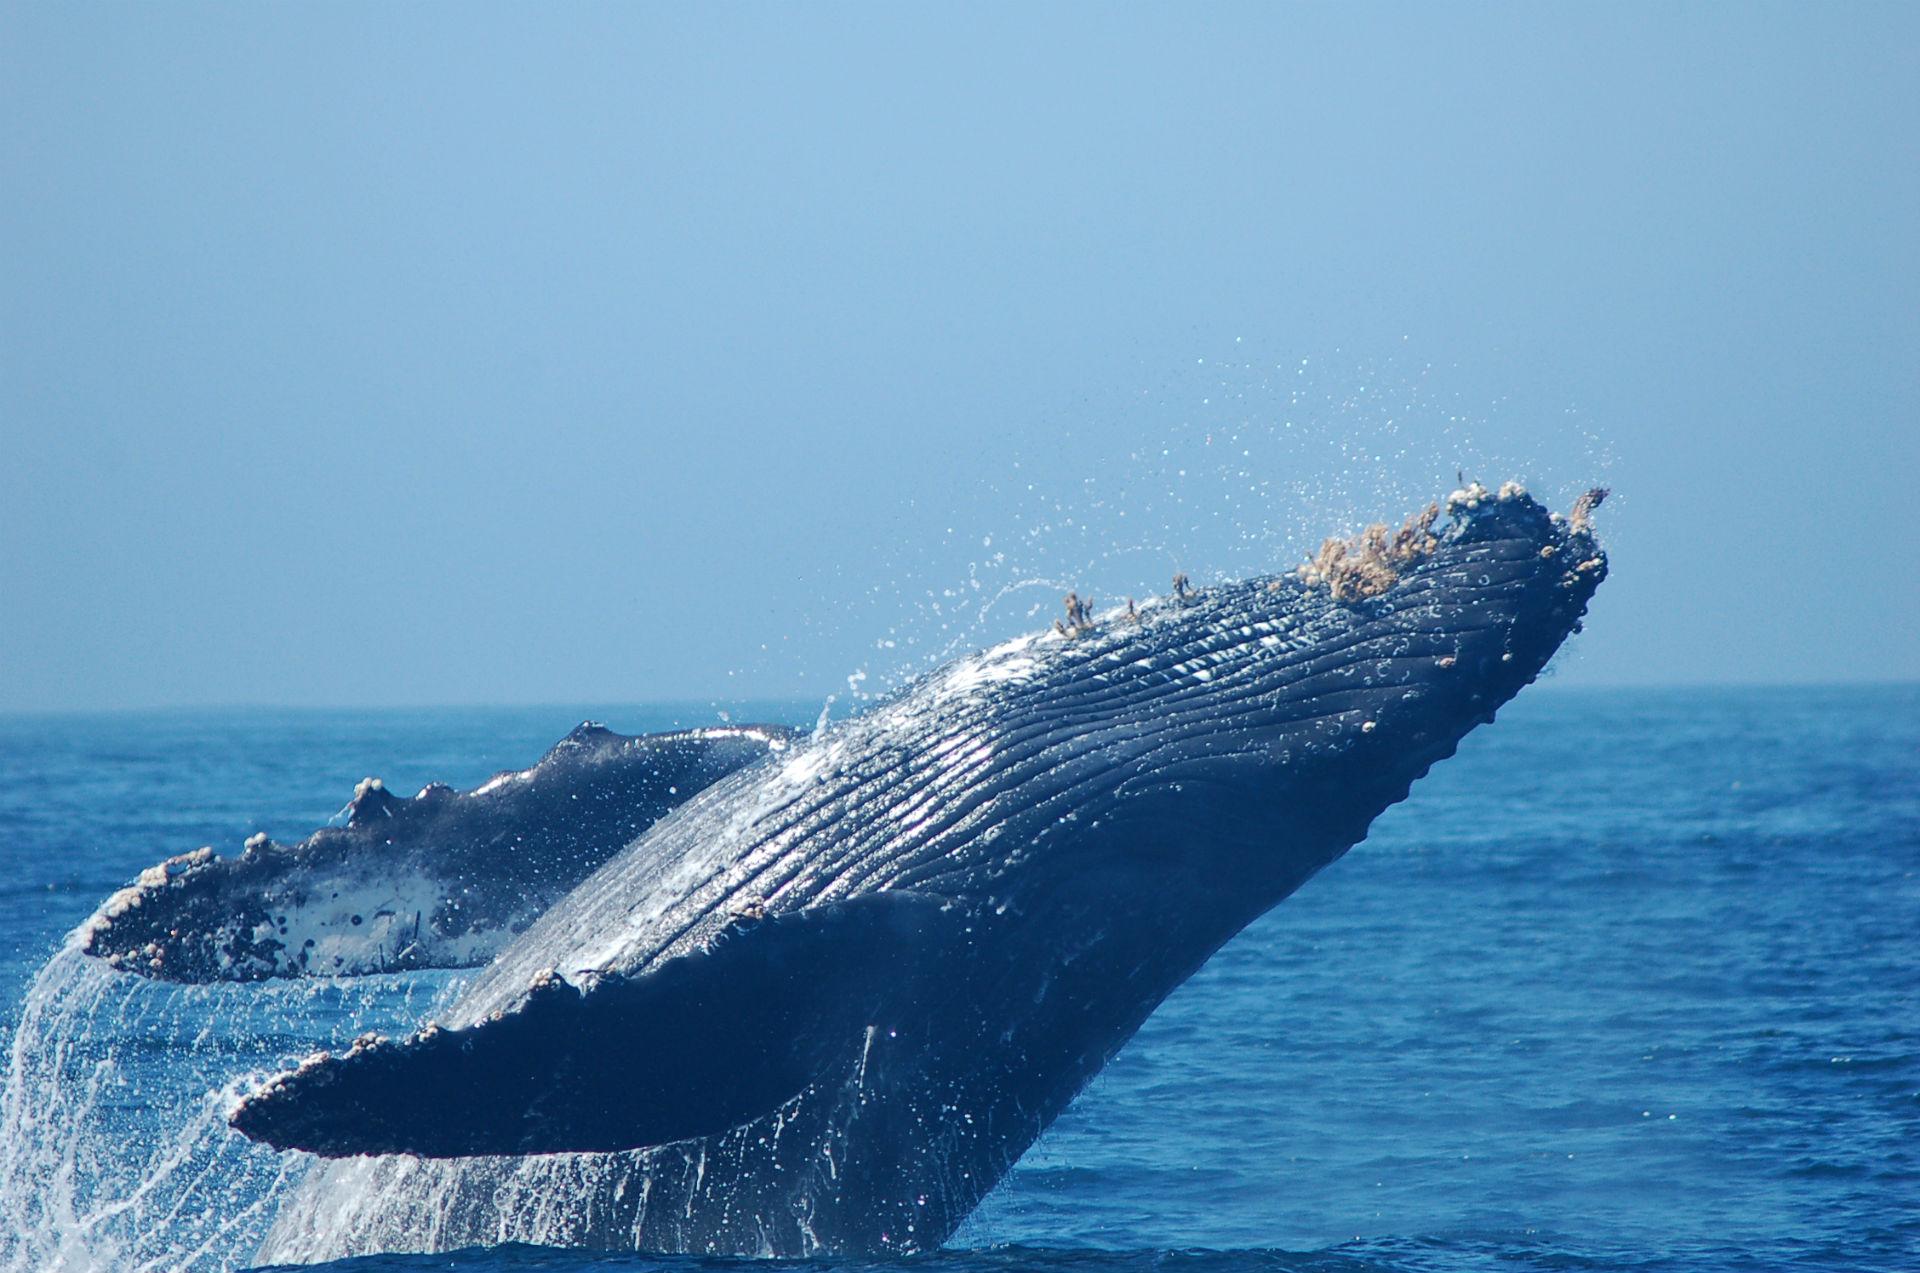 Oceans Whales Whales Breach Ocean Sea Splash